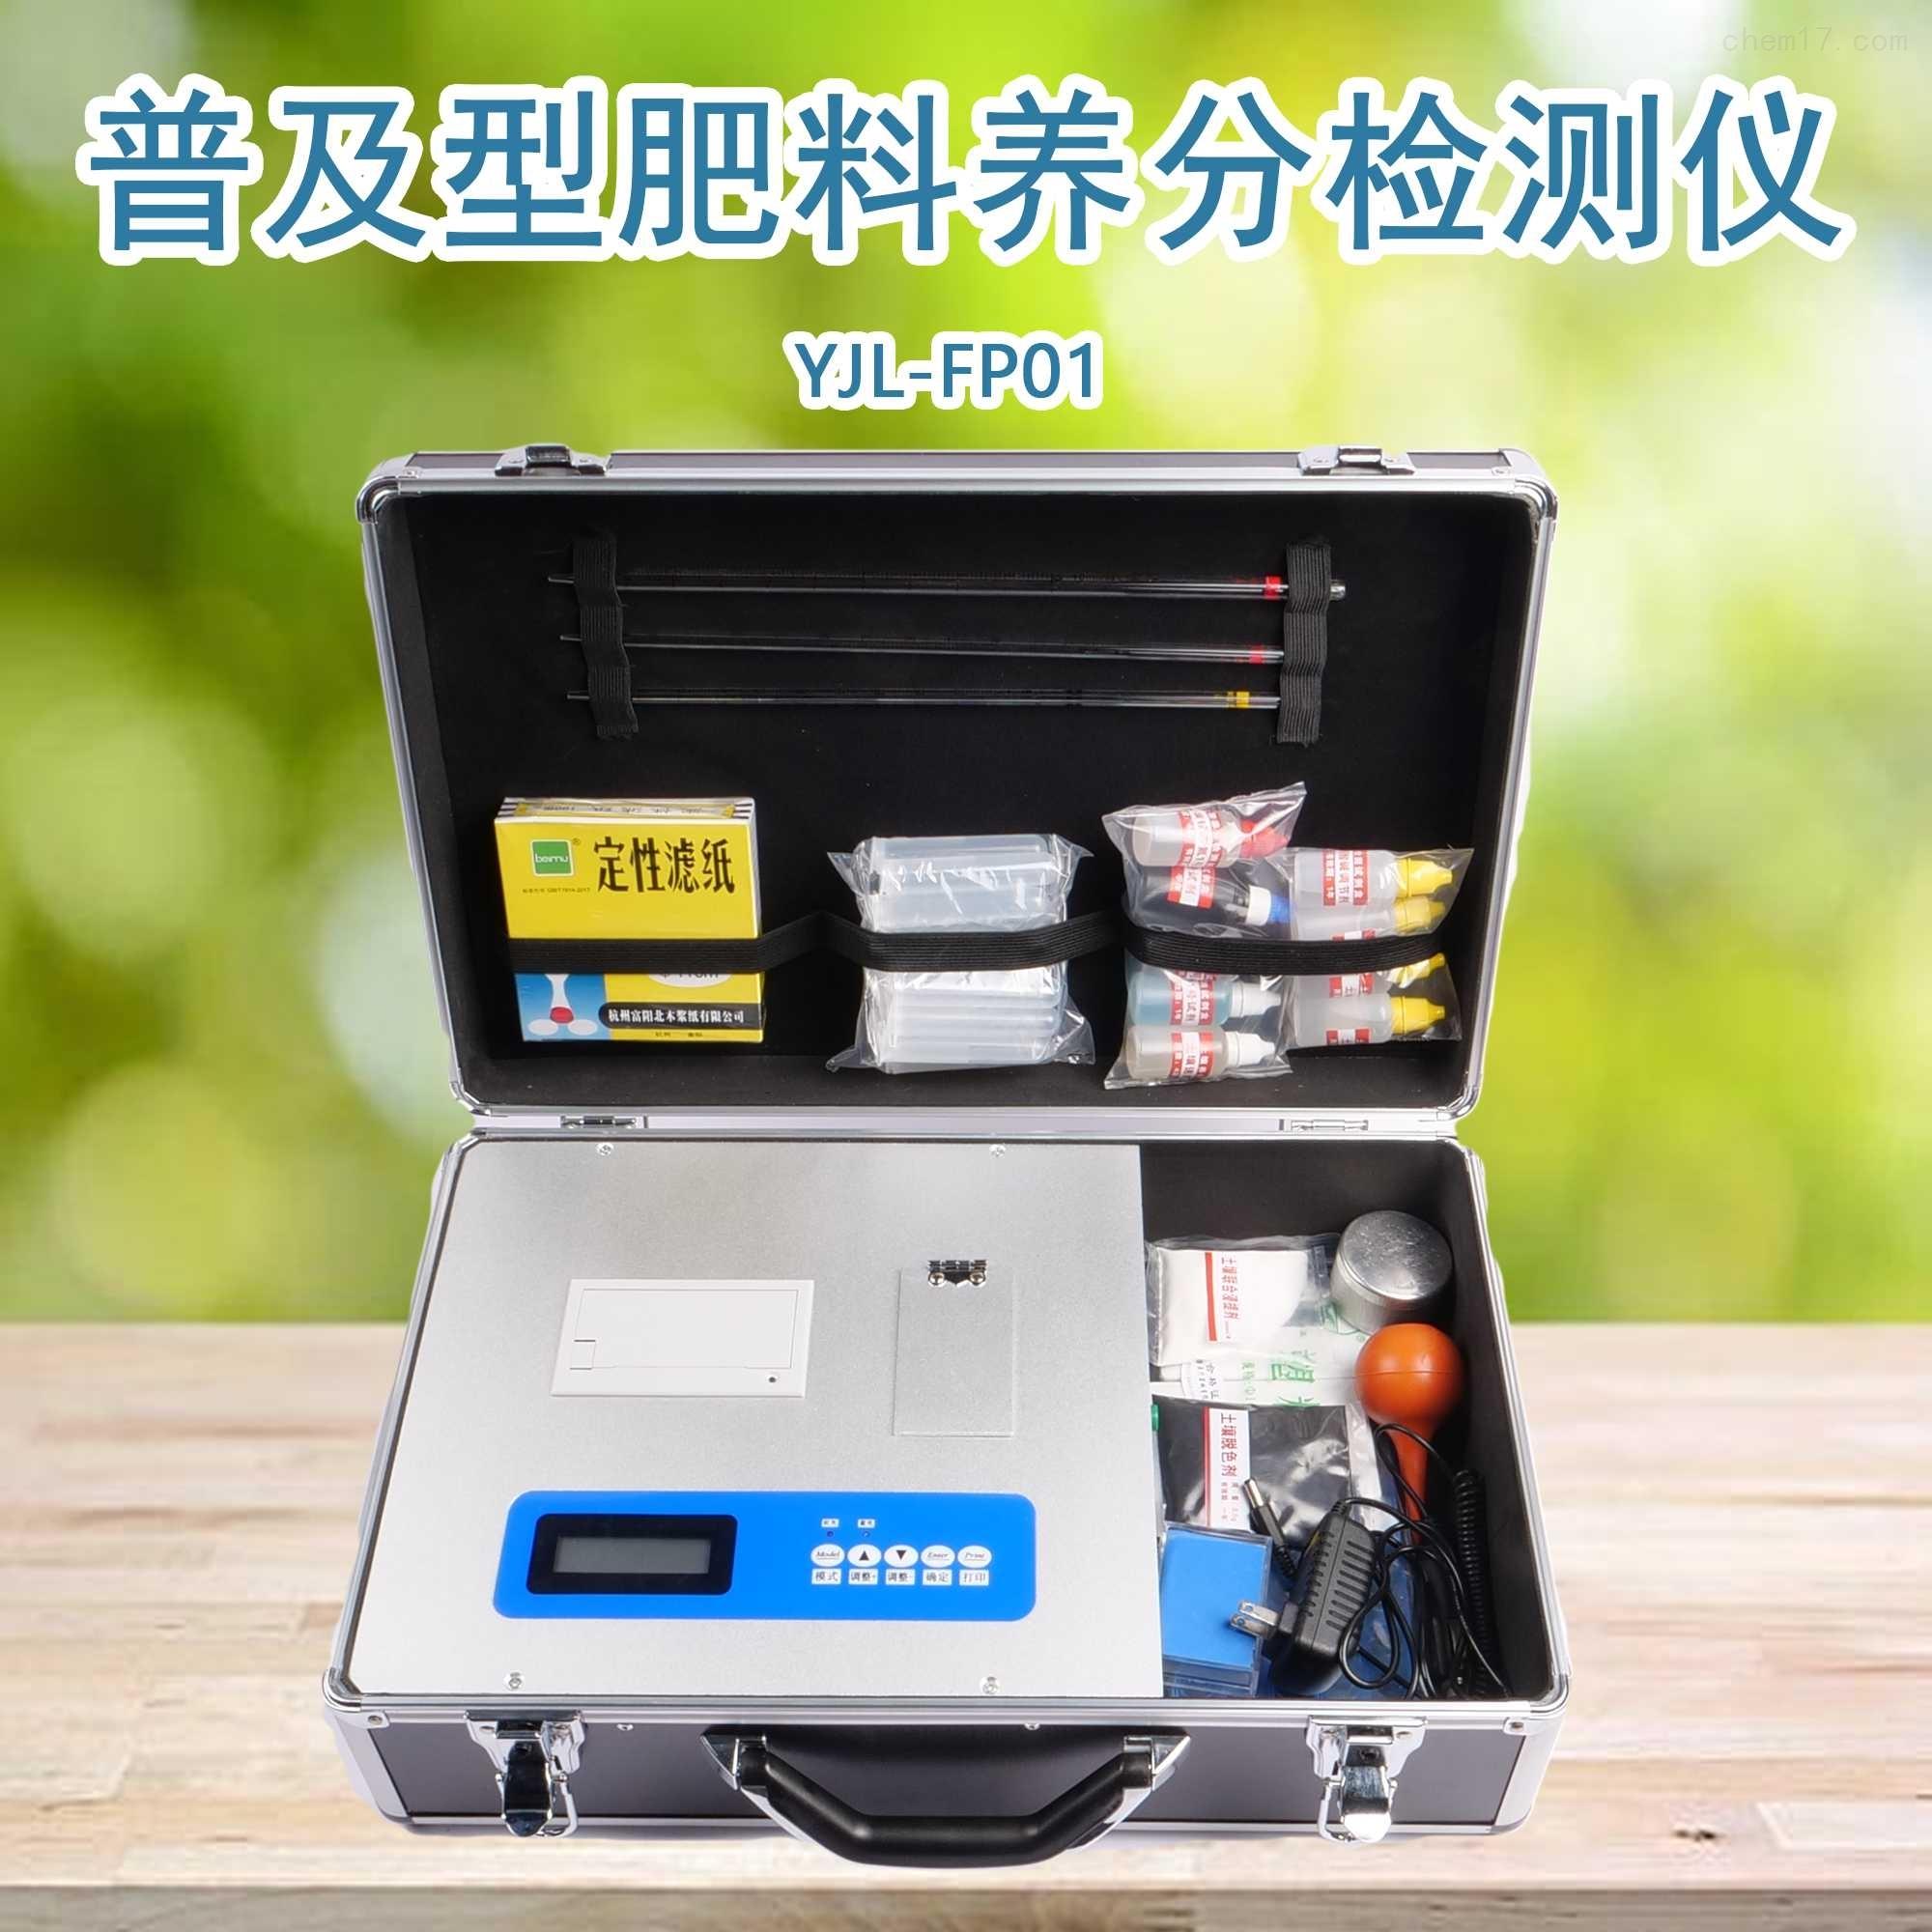 YJL-FP01普及型肥料養分檢測儀